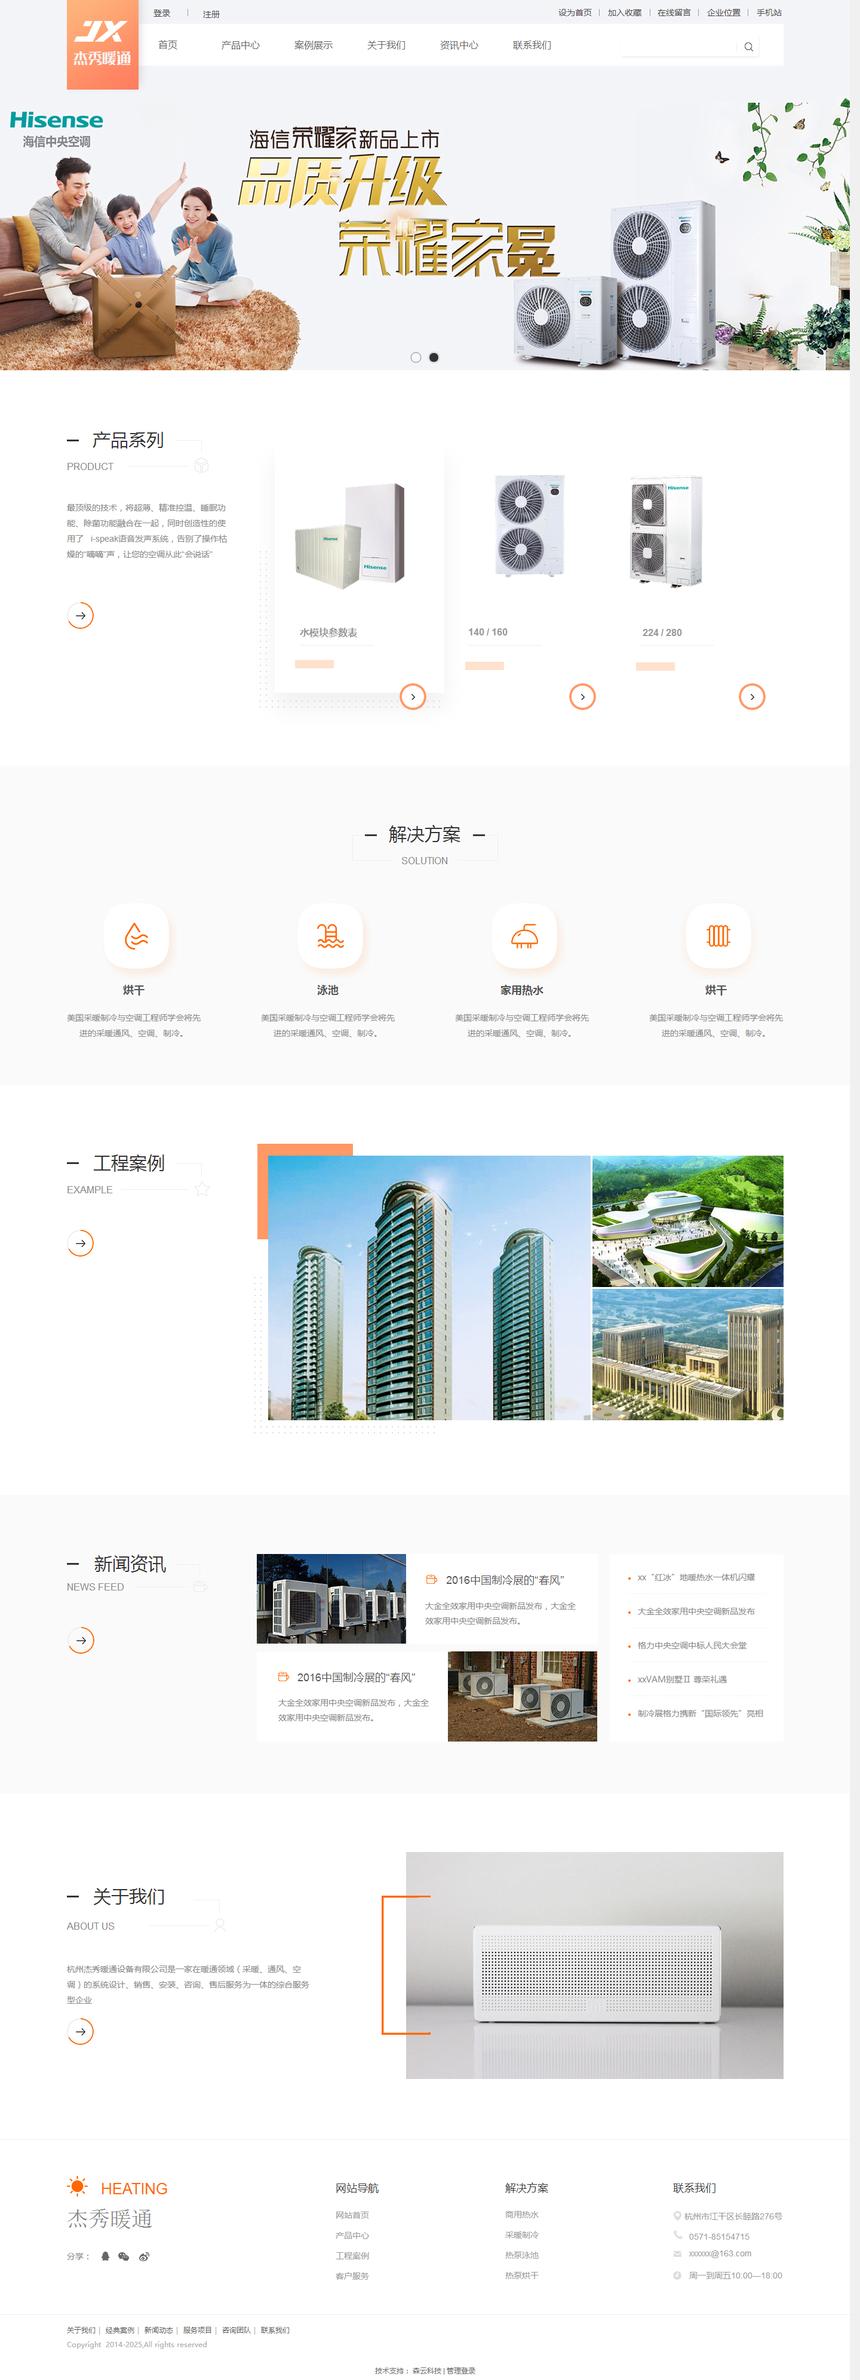 杭州杰秀暖通设备有限公司-官网.png